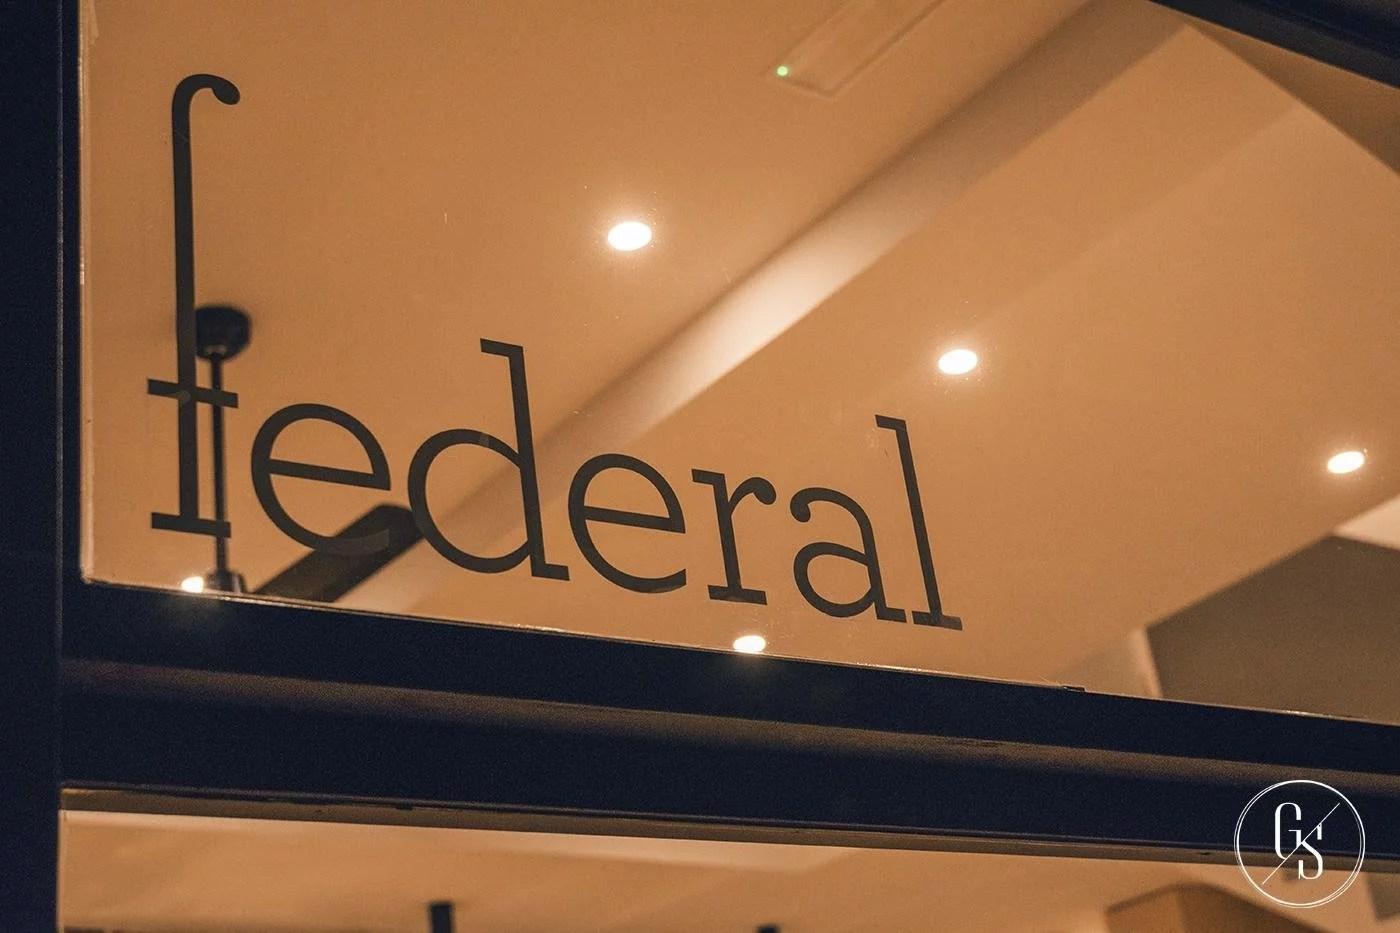 Federal Café Girona